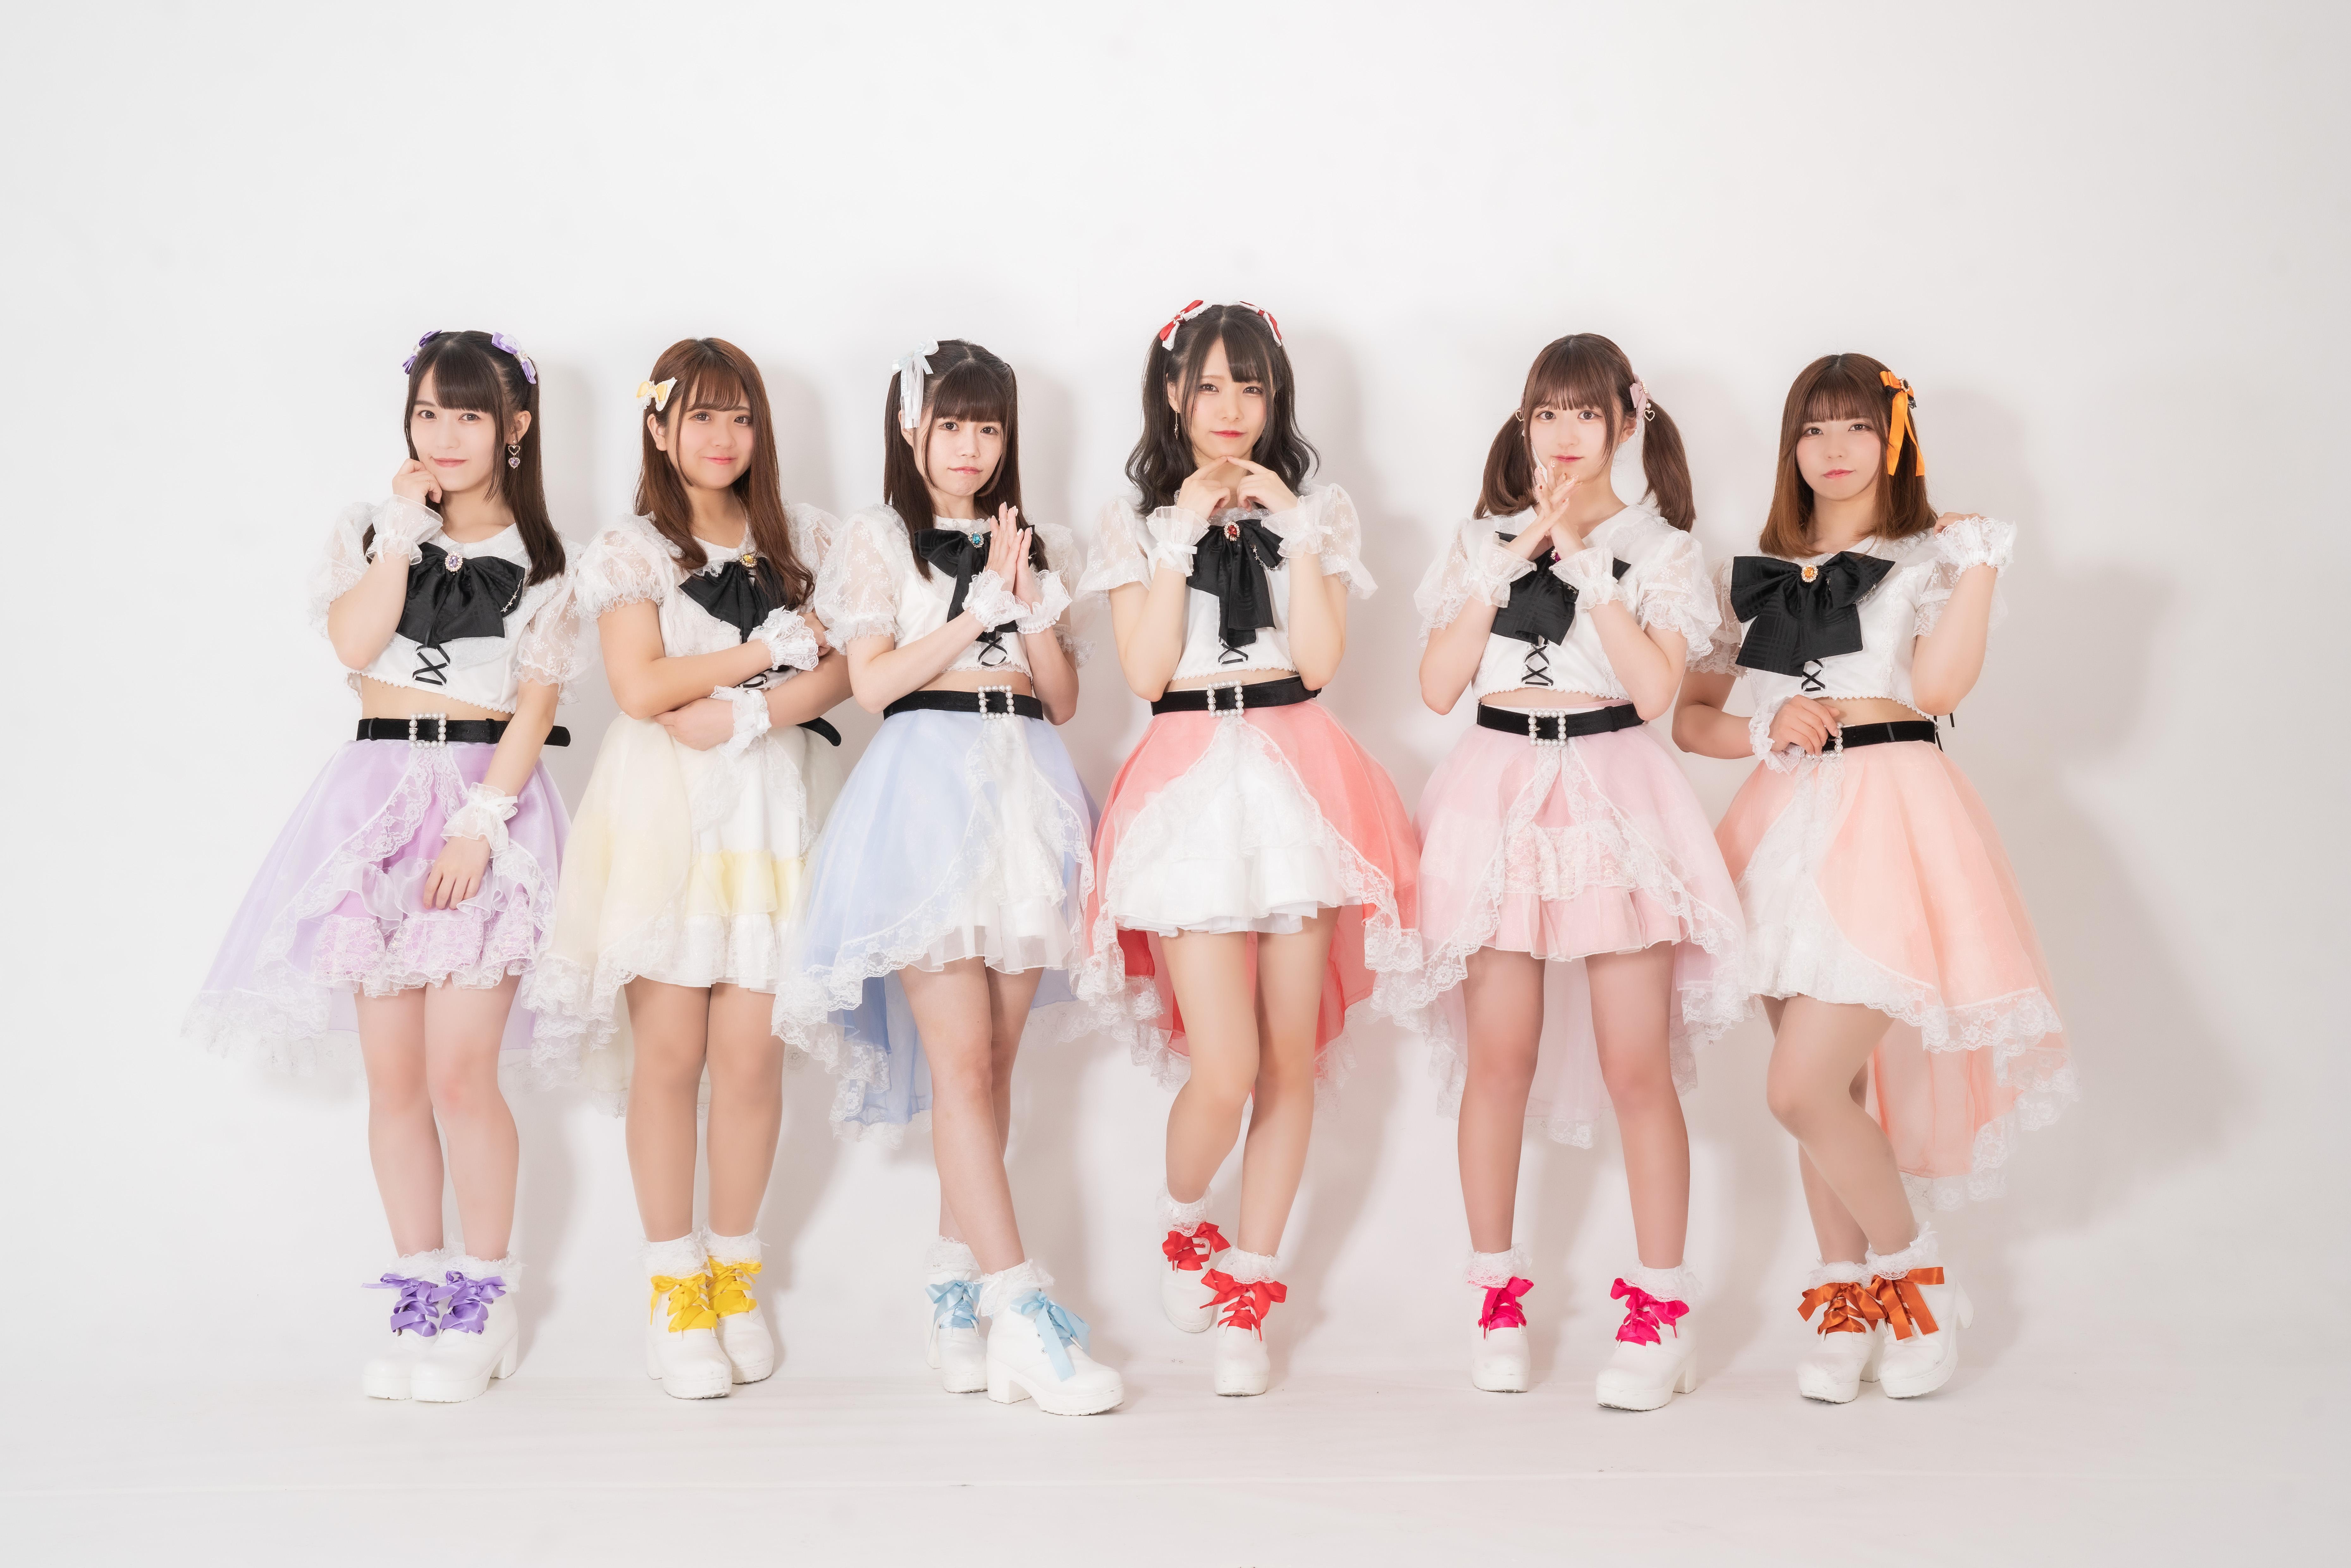 オーディション fiaileエンタープライズ新人アイドルオーディション ESTLINK☆と同じ事務所で大きなステージ目指しましょう 主催:fiaileエンタープライズ、カテゴリ:アイドル(正統派)